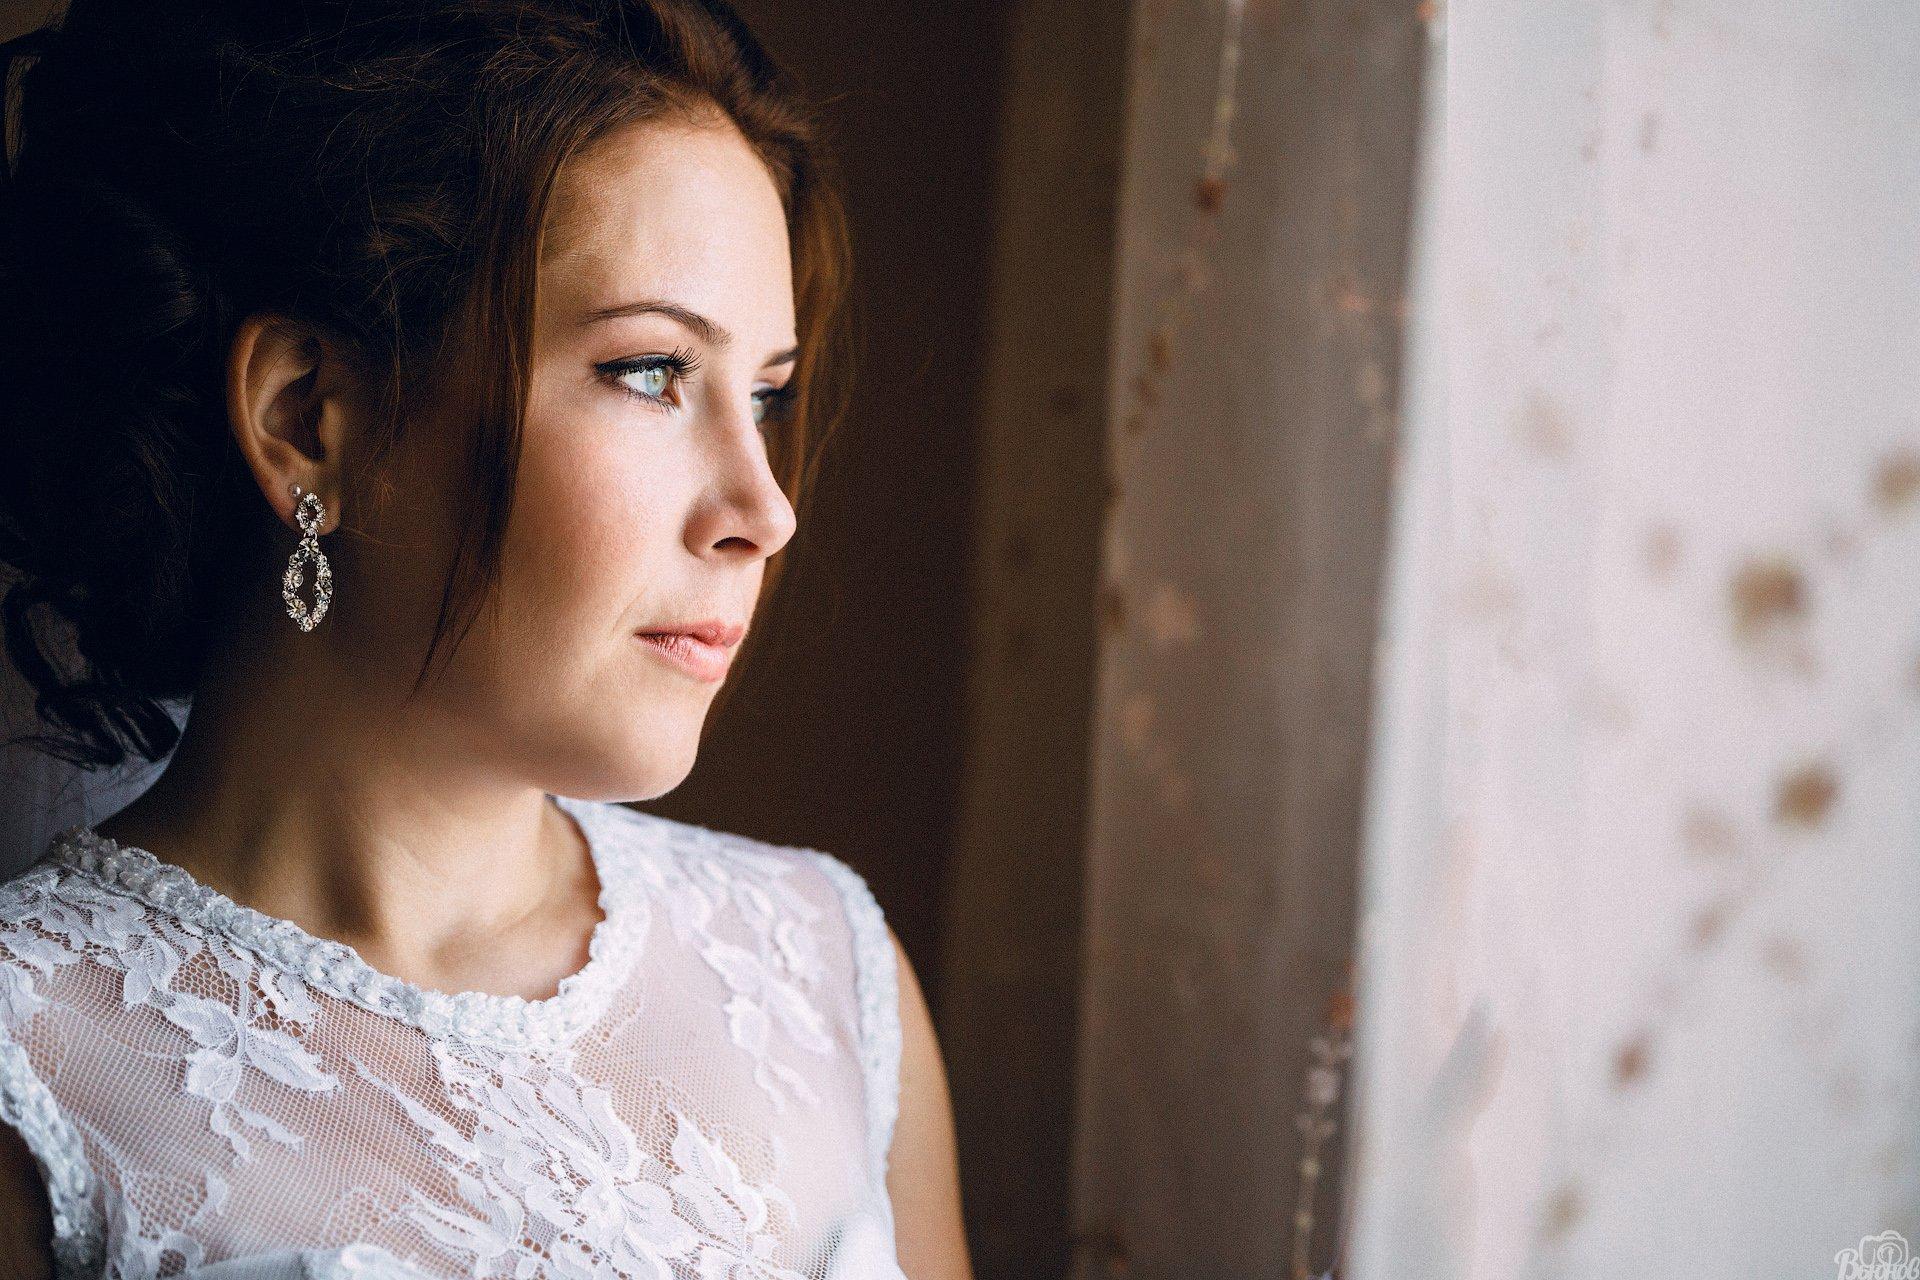 портрет,свадебная фотография,невеста,моршанск,девушка,, Вьюнов Сергей